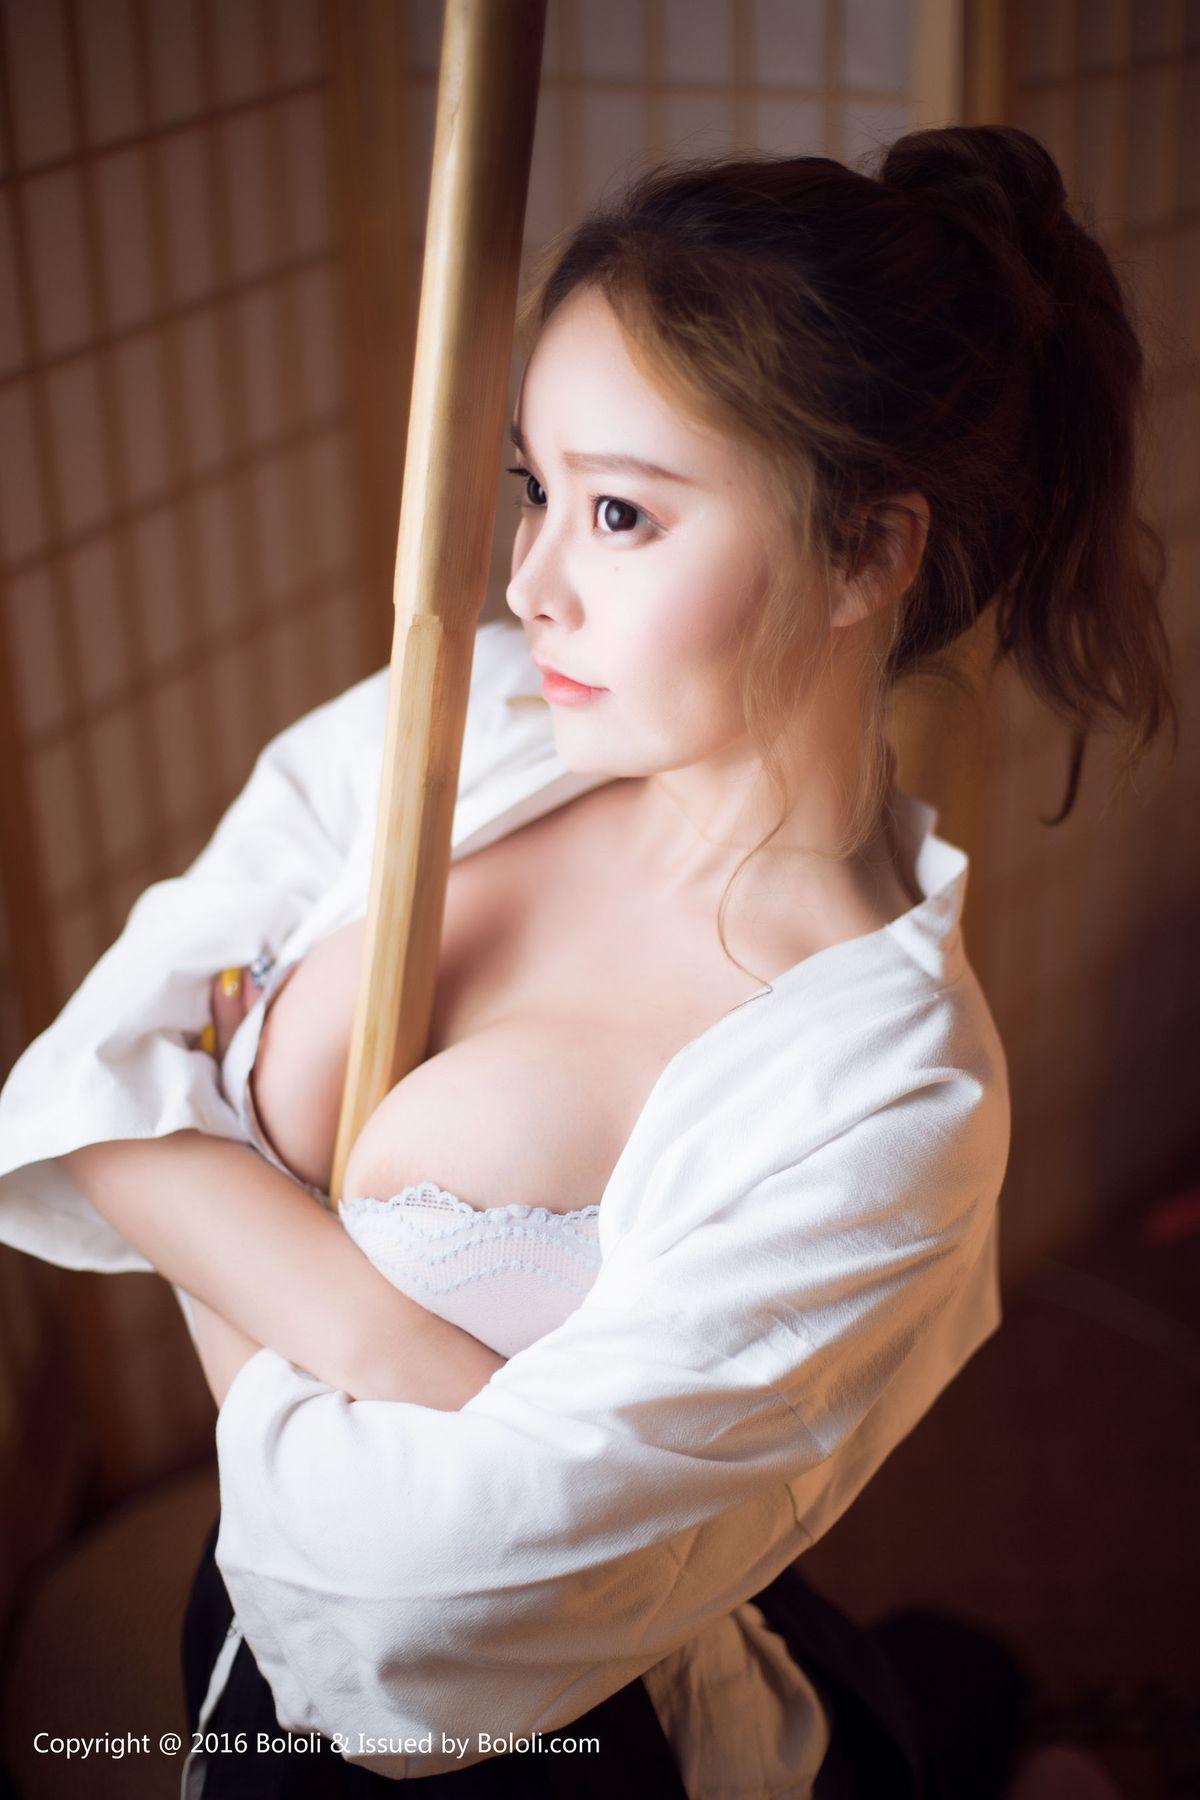 柳侑绮《剣道の女》 [波萝社BoLoli] BOL135 写真集6